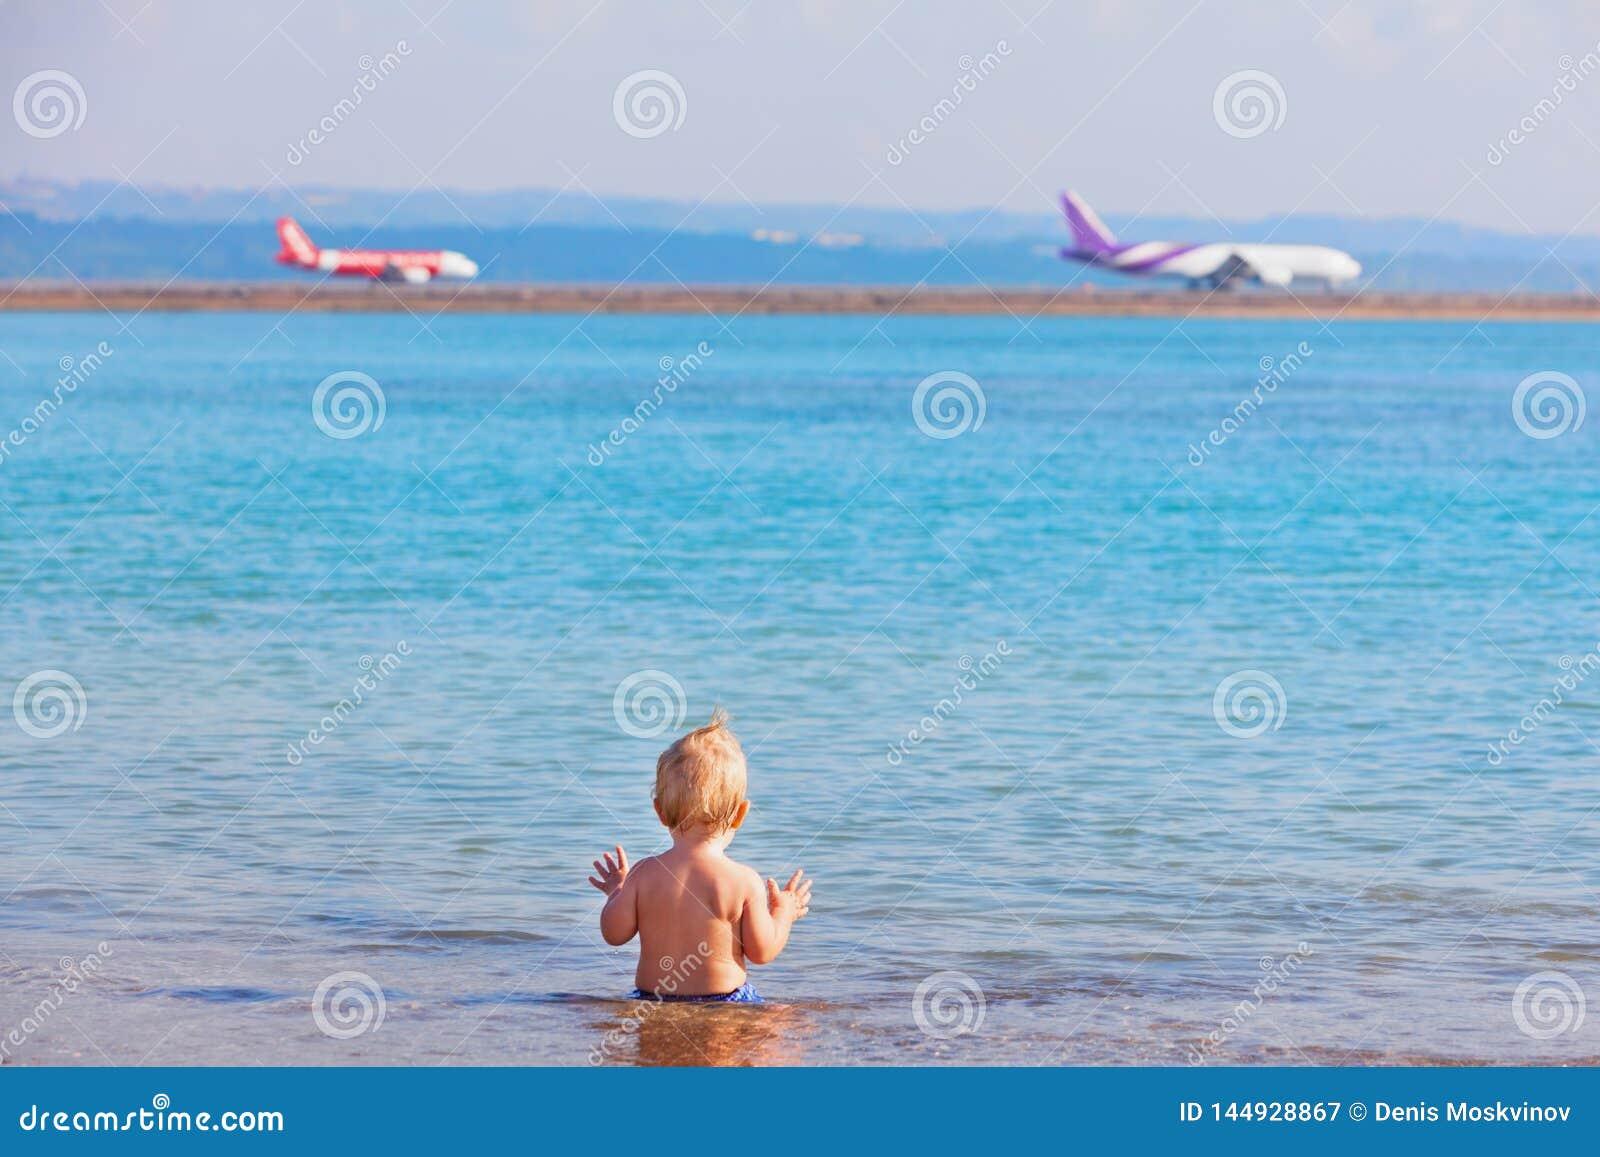 Glückliches Kinderaufpassende Flugzeuglandung am Strandflughafen